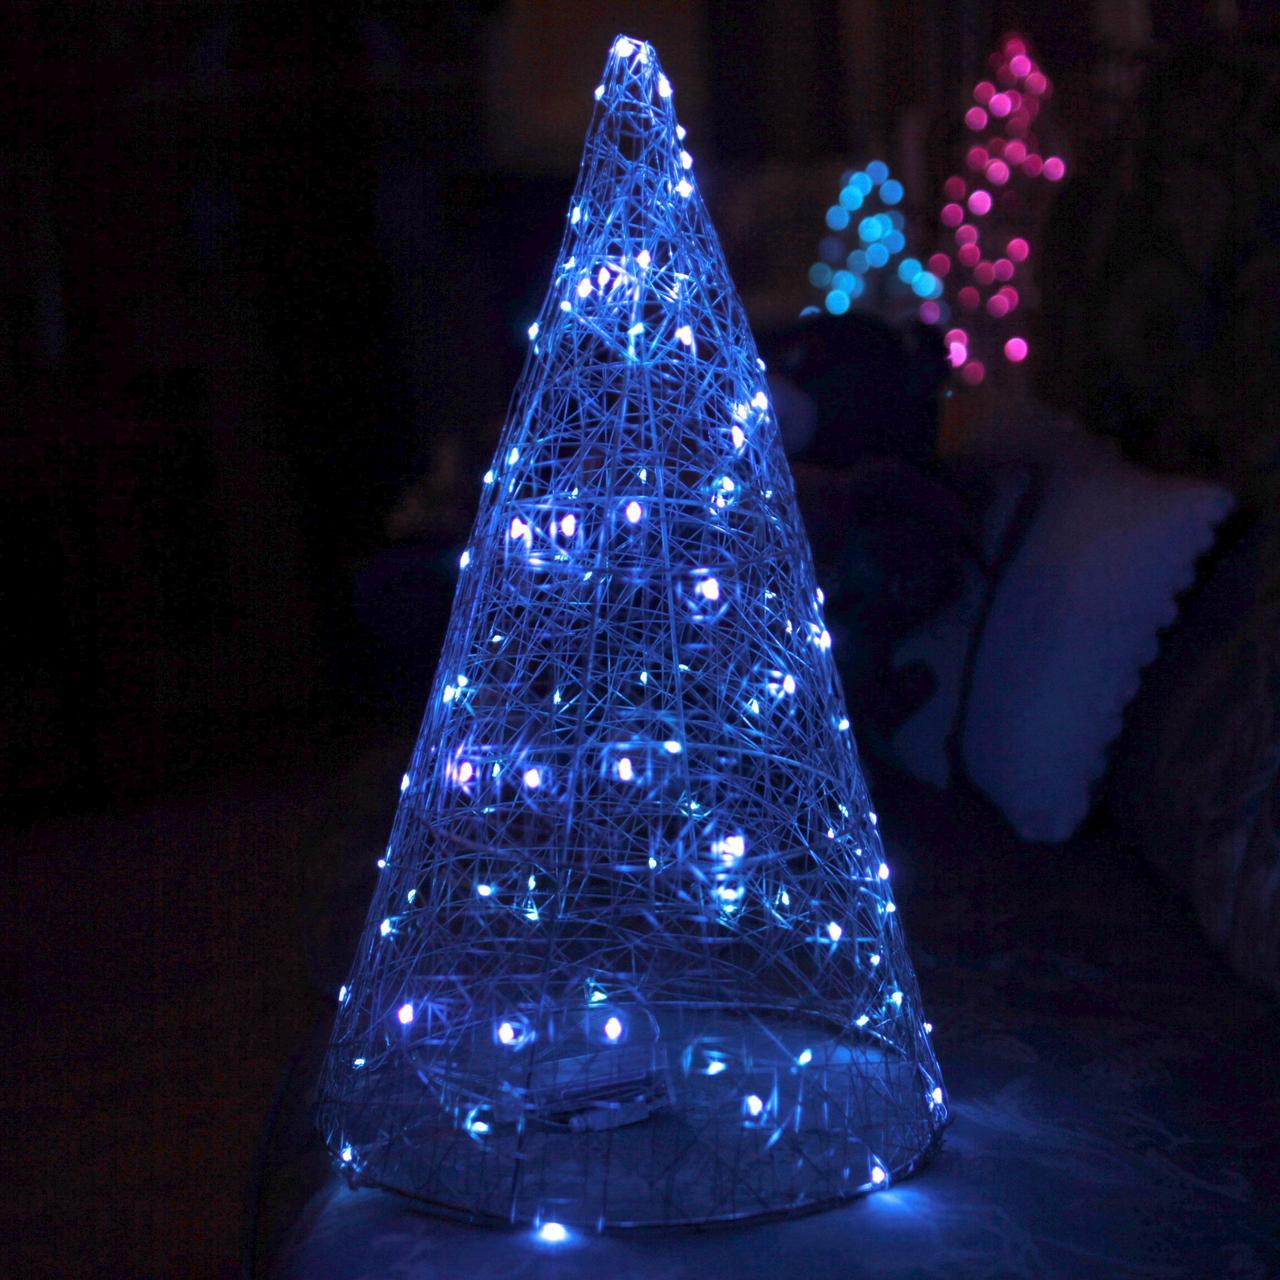 Декор Елка ЛОФТ Новогодняя Рождественская Ель с LED Гирляндой На Батарейках+USB+220V 45х27см SilverBlueLOFT